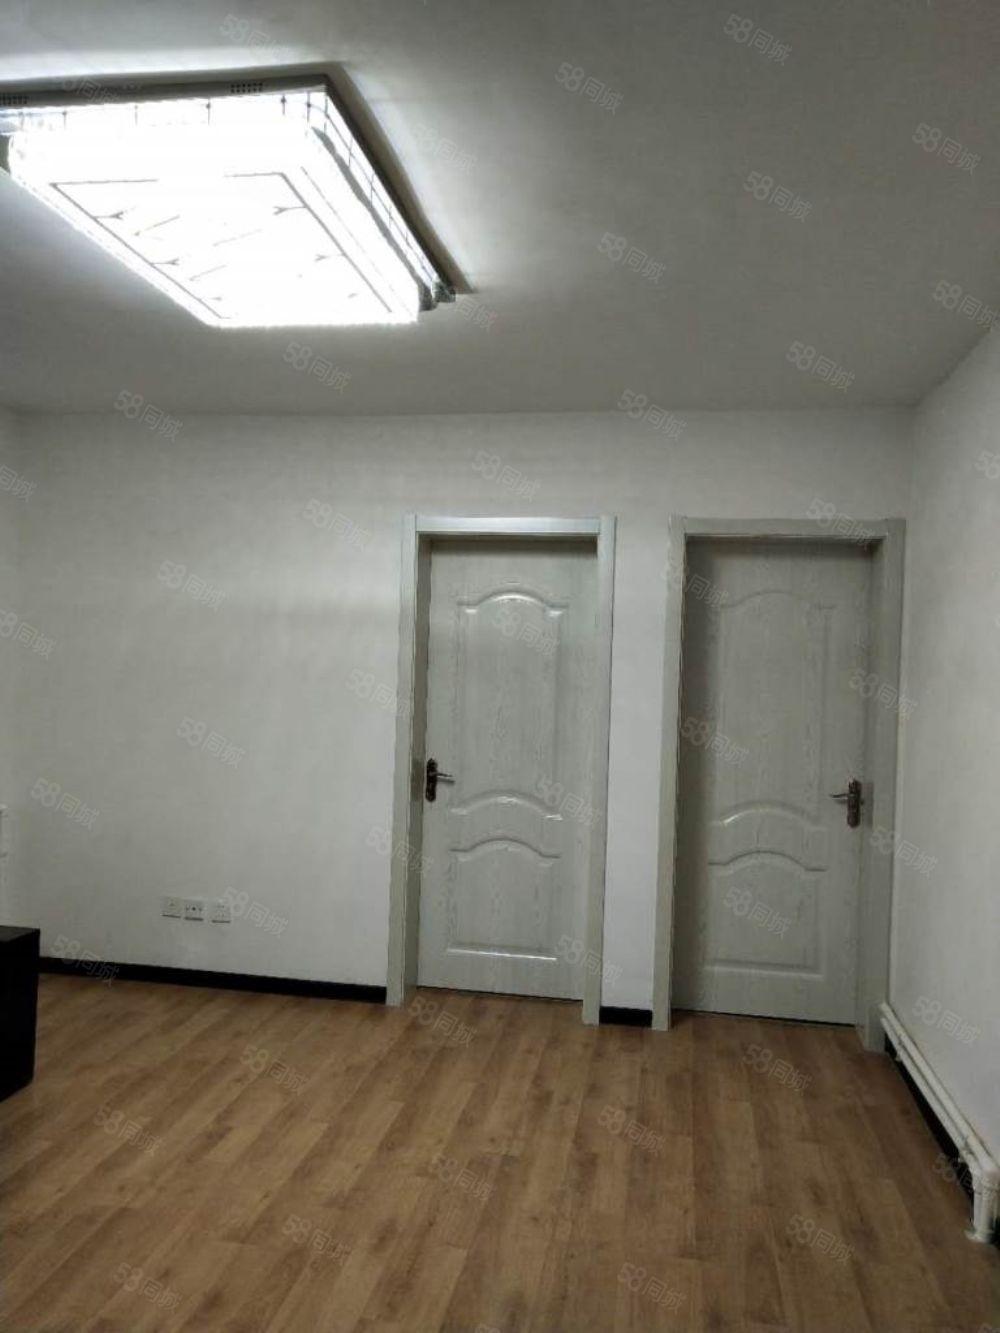 开发小区三室一厅东西齐全拎包入住年租一万一包取暖物业